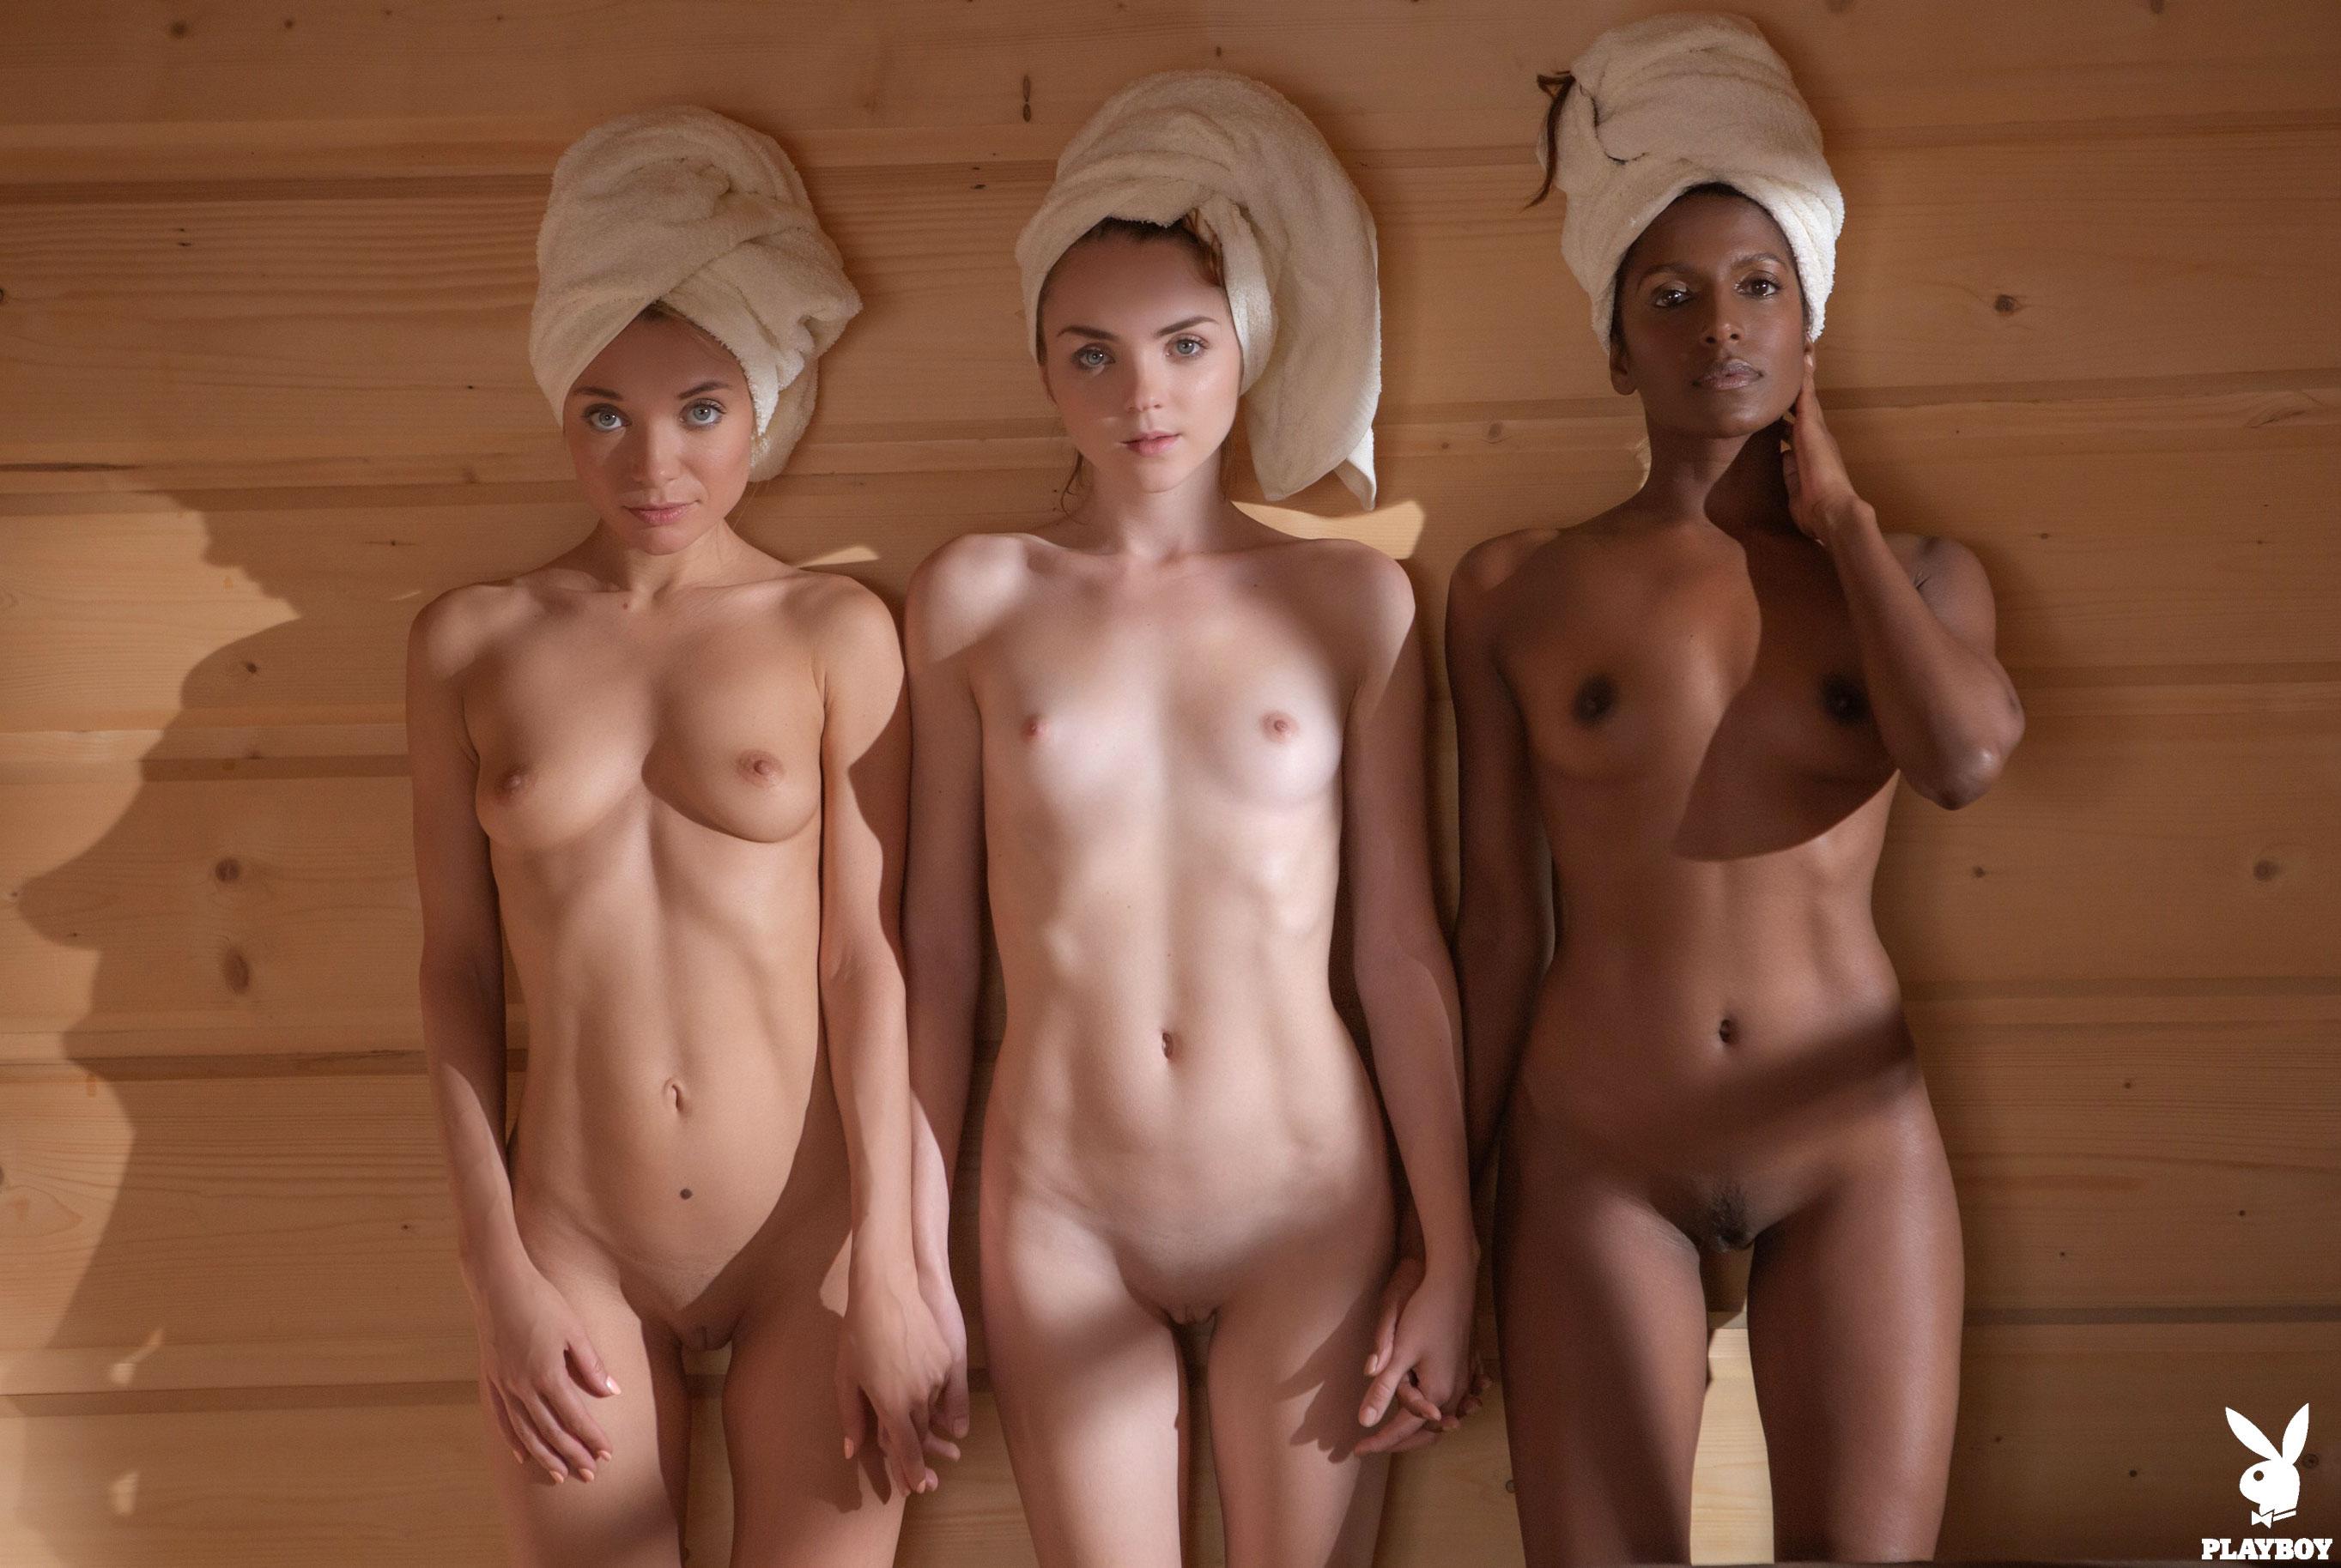 Три девушки в сауне / Zhenya Belaya, Kate Great, Nirmala Fernandes nude by David Merenyi